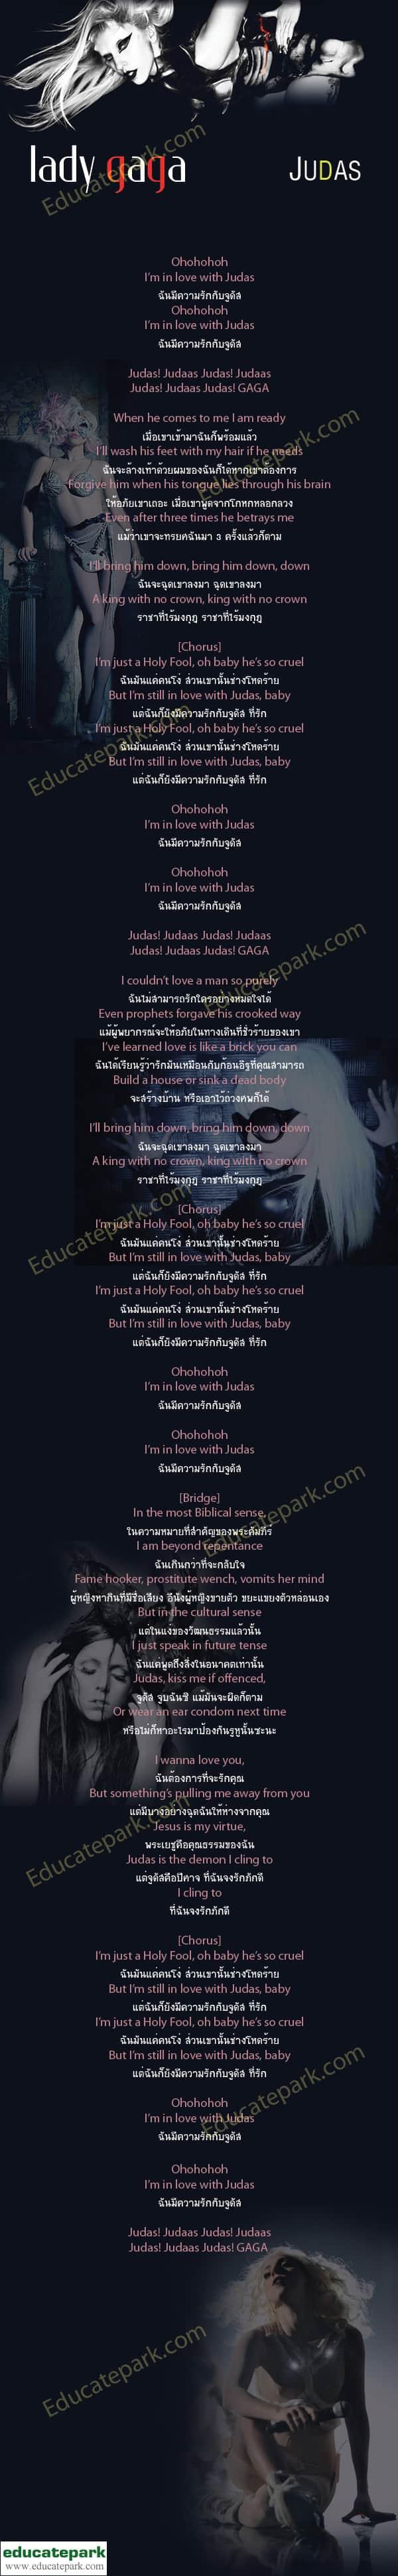 แปลเพลง Judas - Lady Gaga